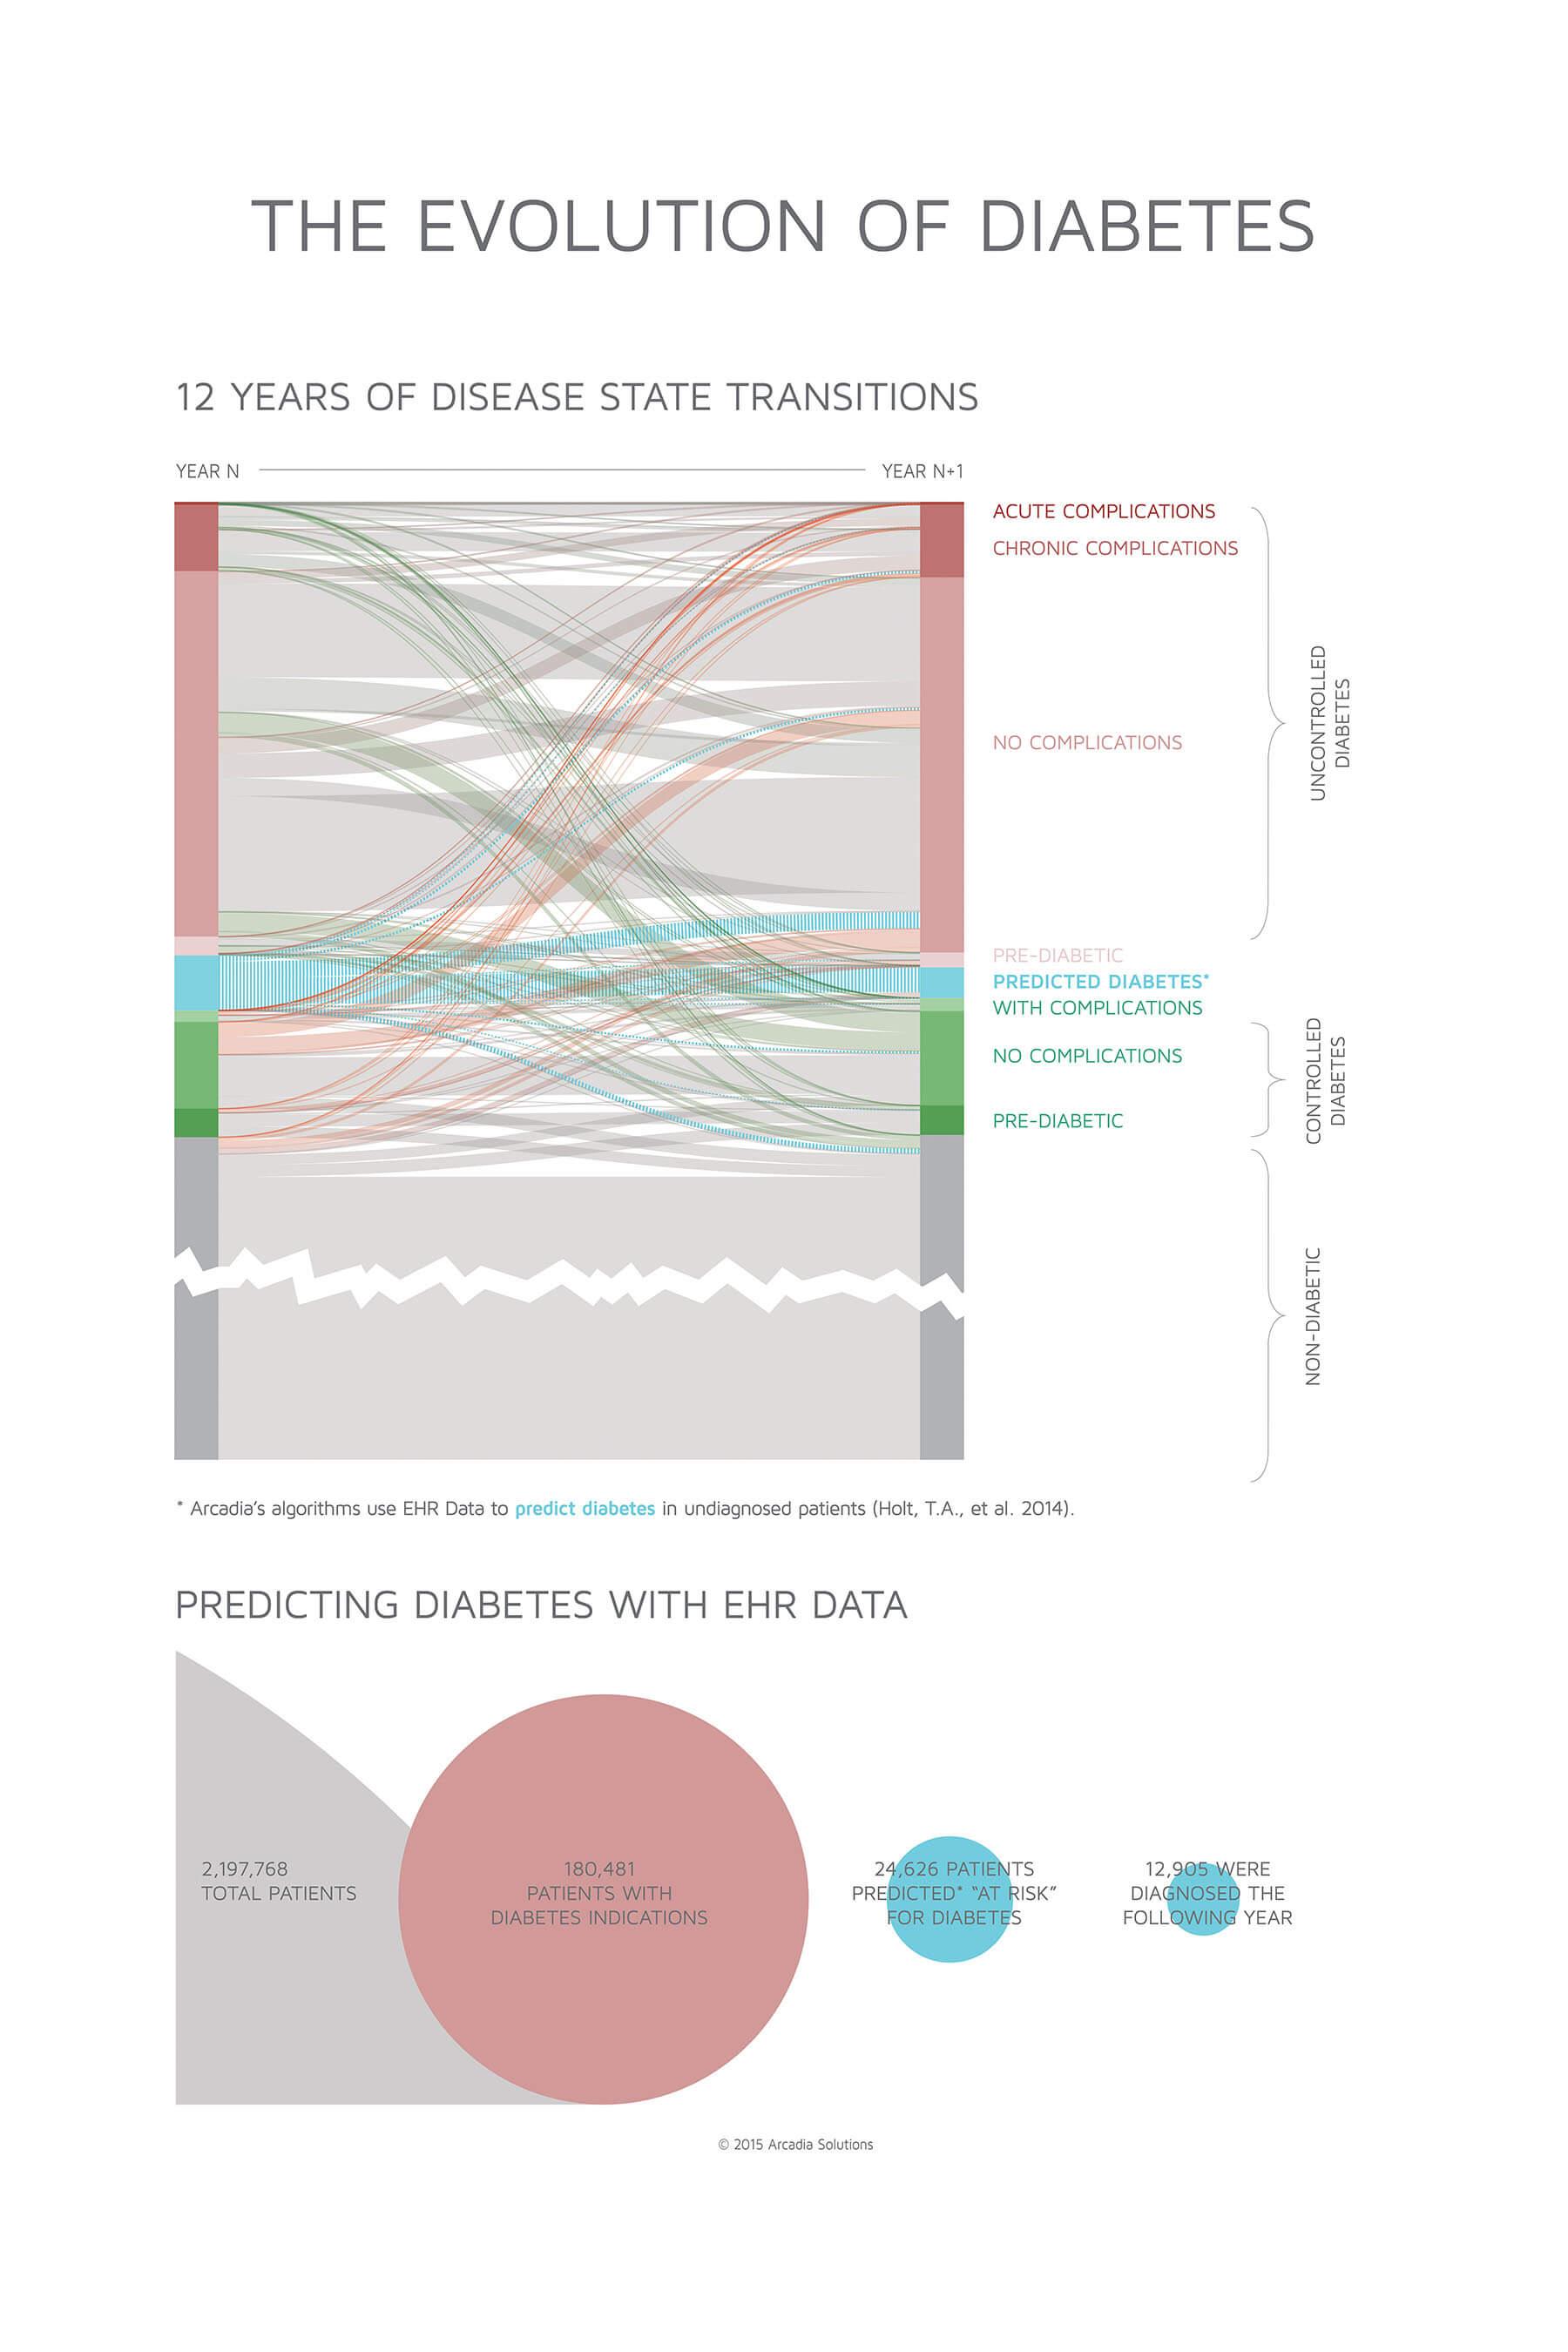 evolutionDiabetes.jpg